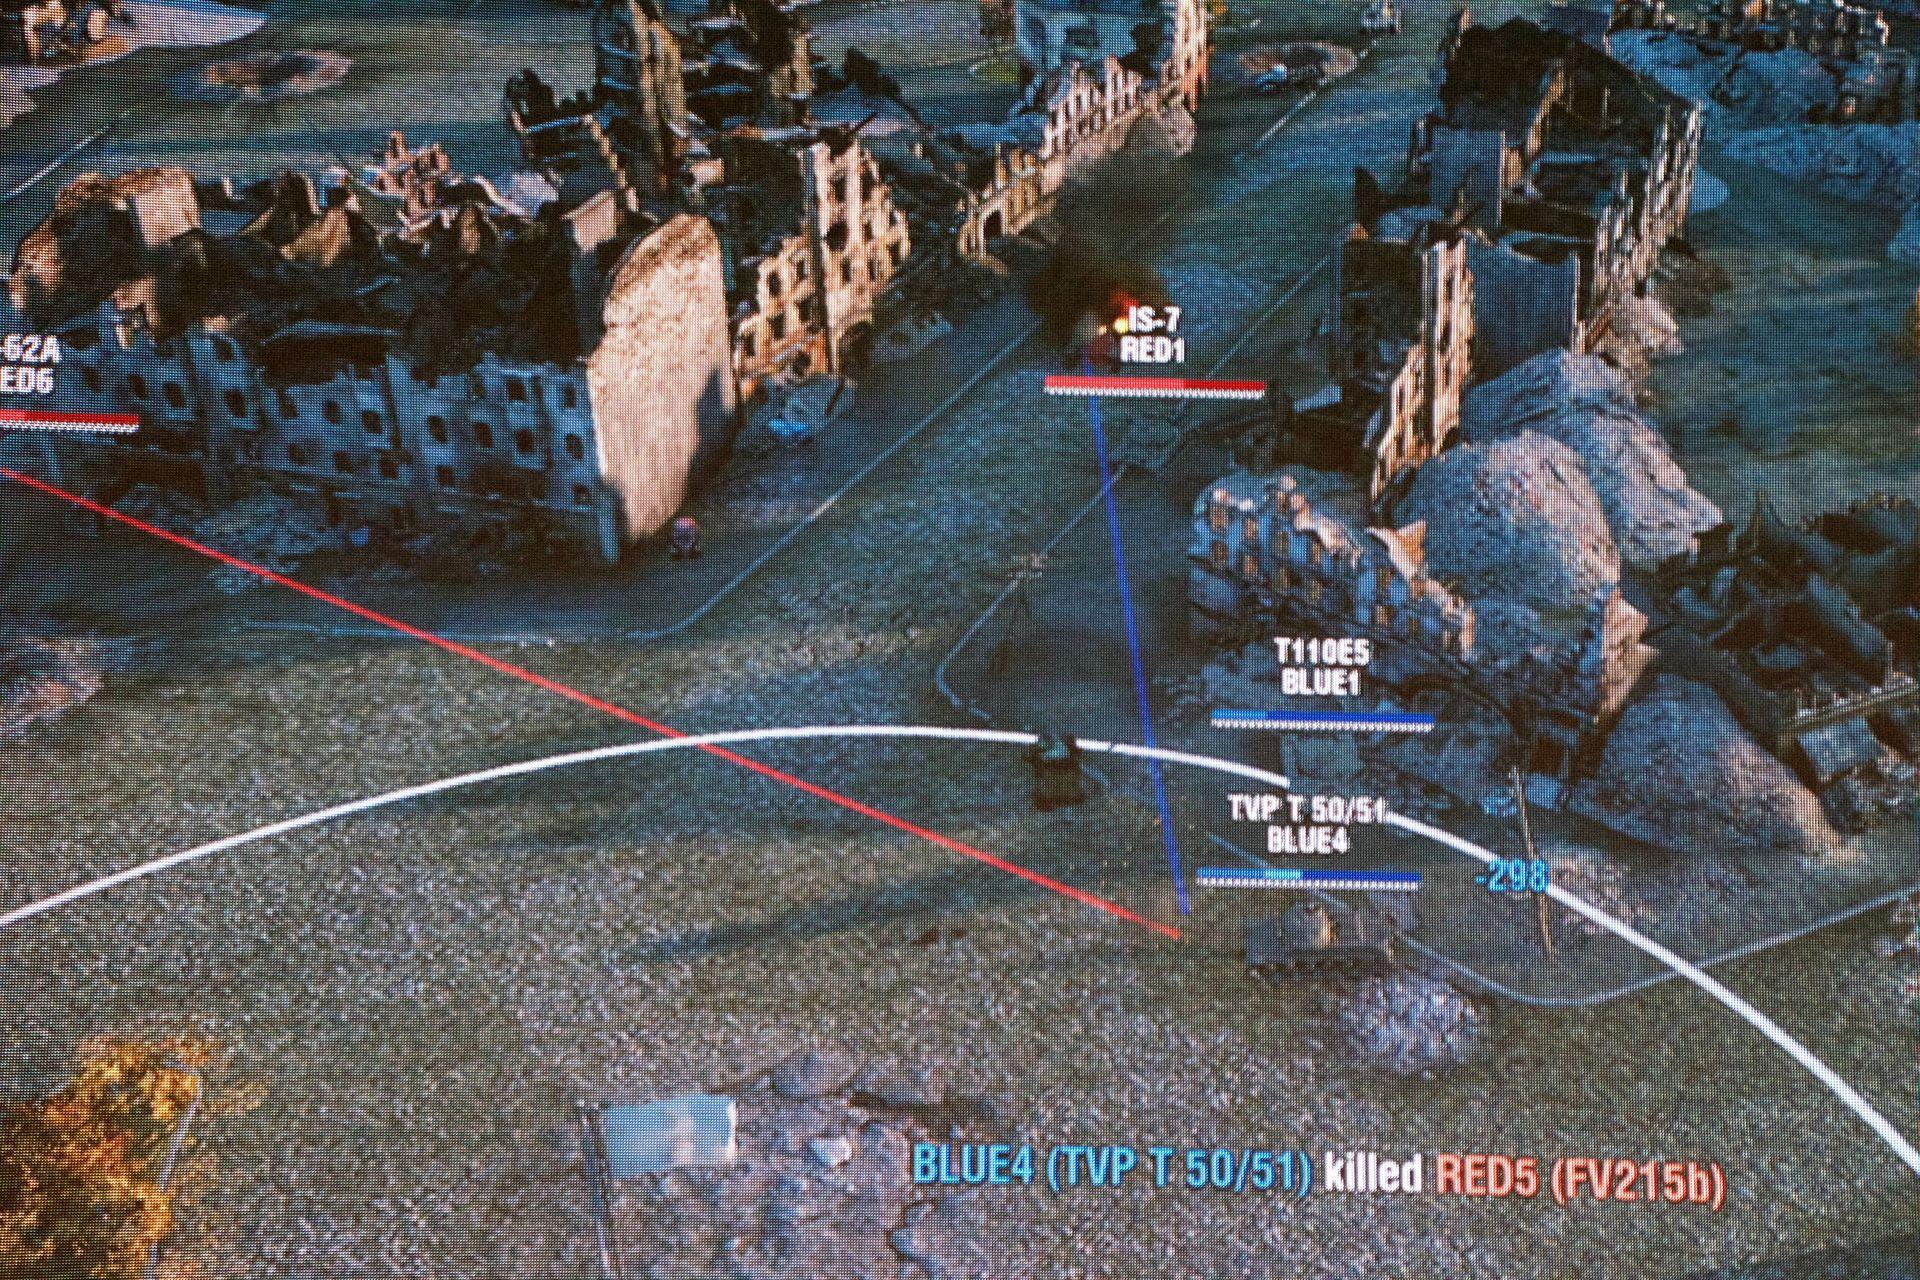 この試合でも猛威を奮ったのがTVP T 50/51。市街地での戦いでも、装甲の厚いT110E5を盾にして4連射で確実にダメージを与える戦い方が効果的に働いた